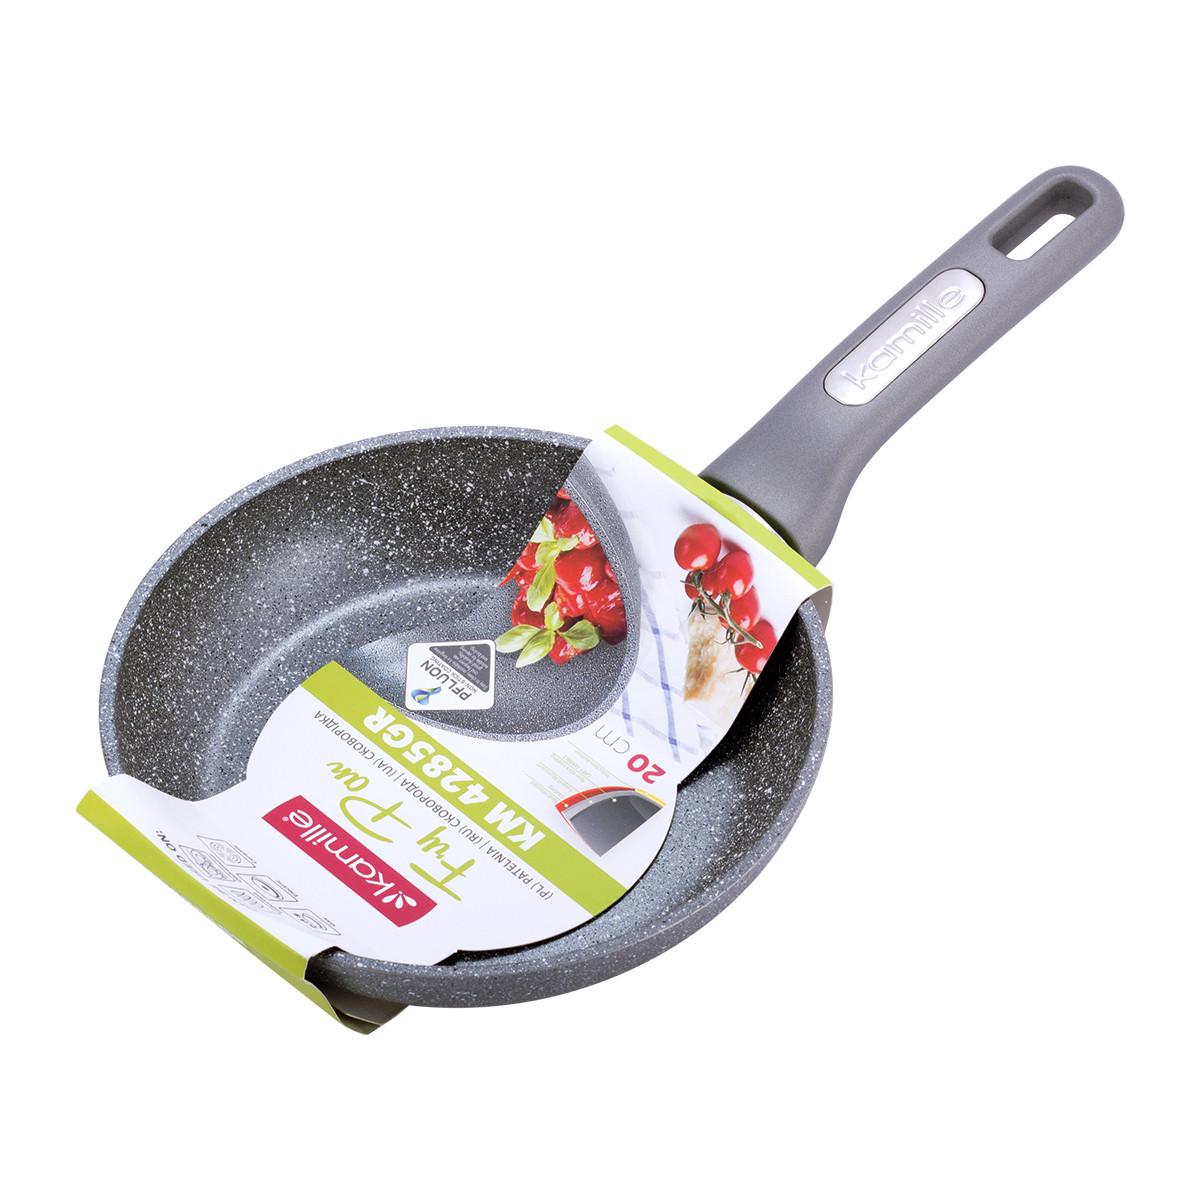 Сковорода Kamille 20см с гранитным покрытием из алюминия для индукции и газа KM-4285GR